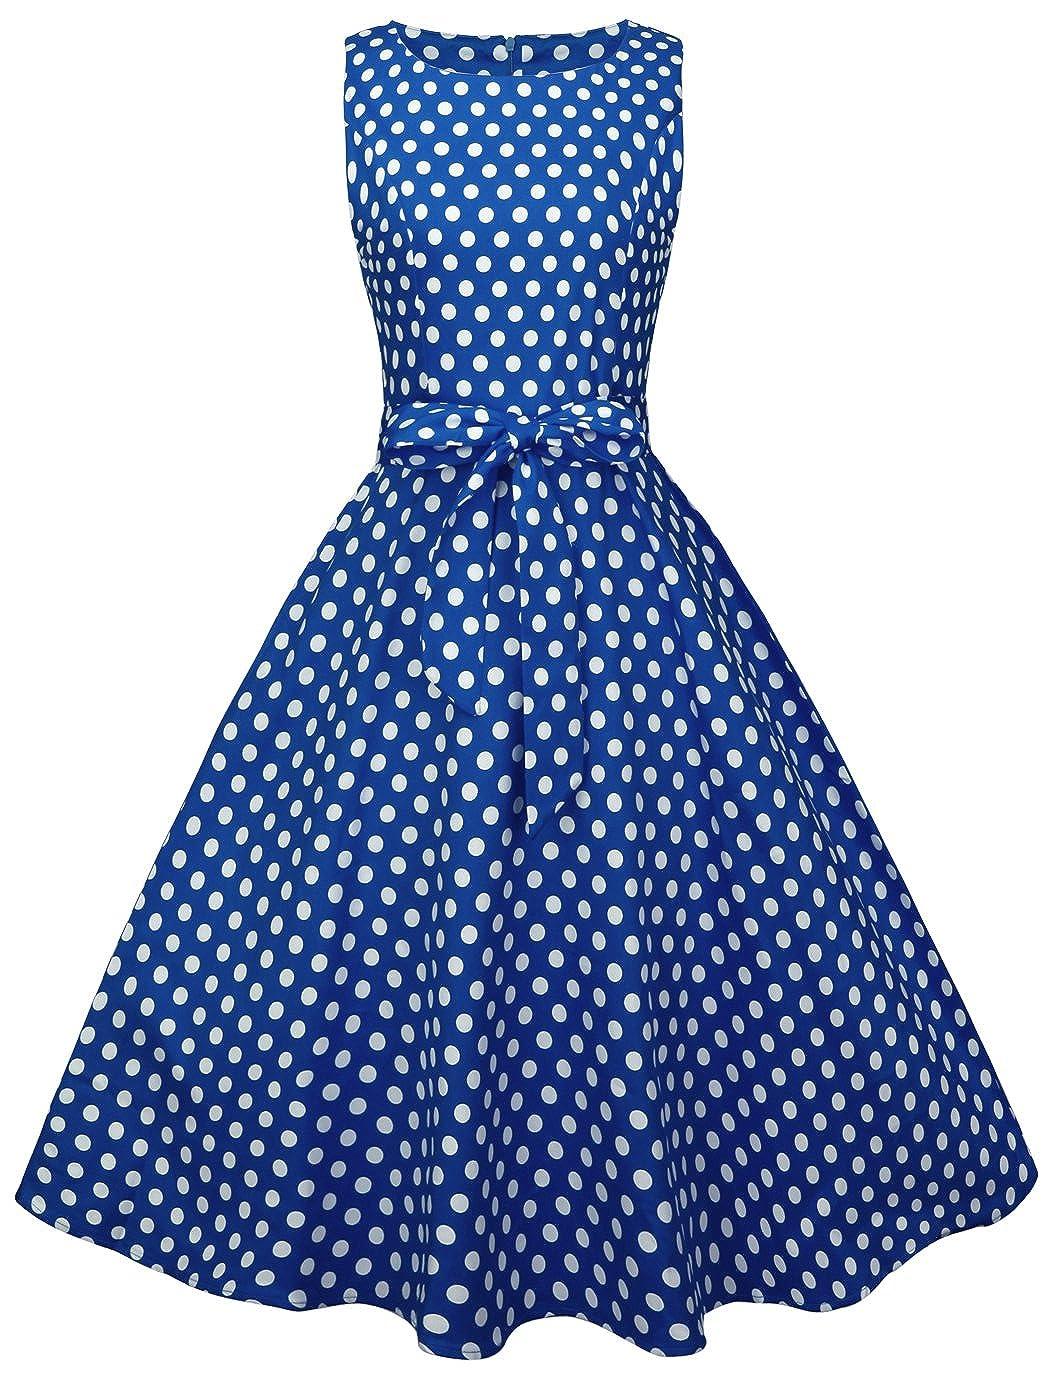 TALLA M. FAIRY COUPLE 50s Vestido de Partido Floral Retro del Oscilación del Cóctel del Vintage con el Arco DRT017 Azul Real Pequeña Blanco Puntos M